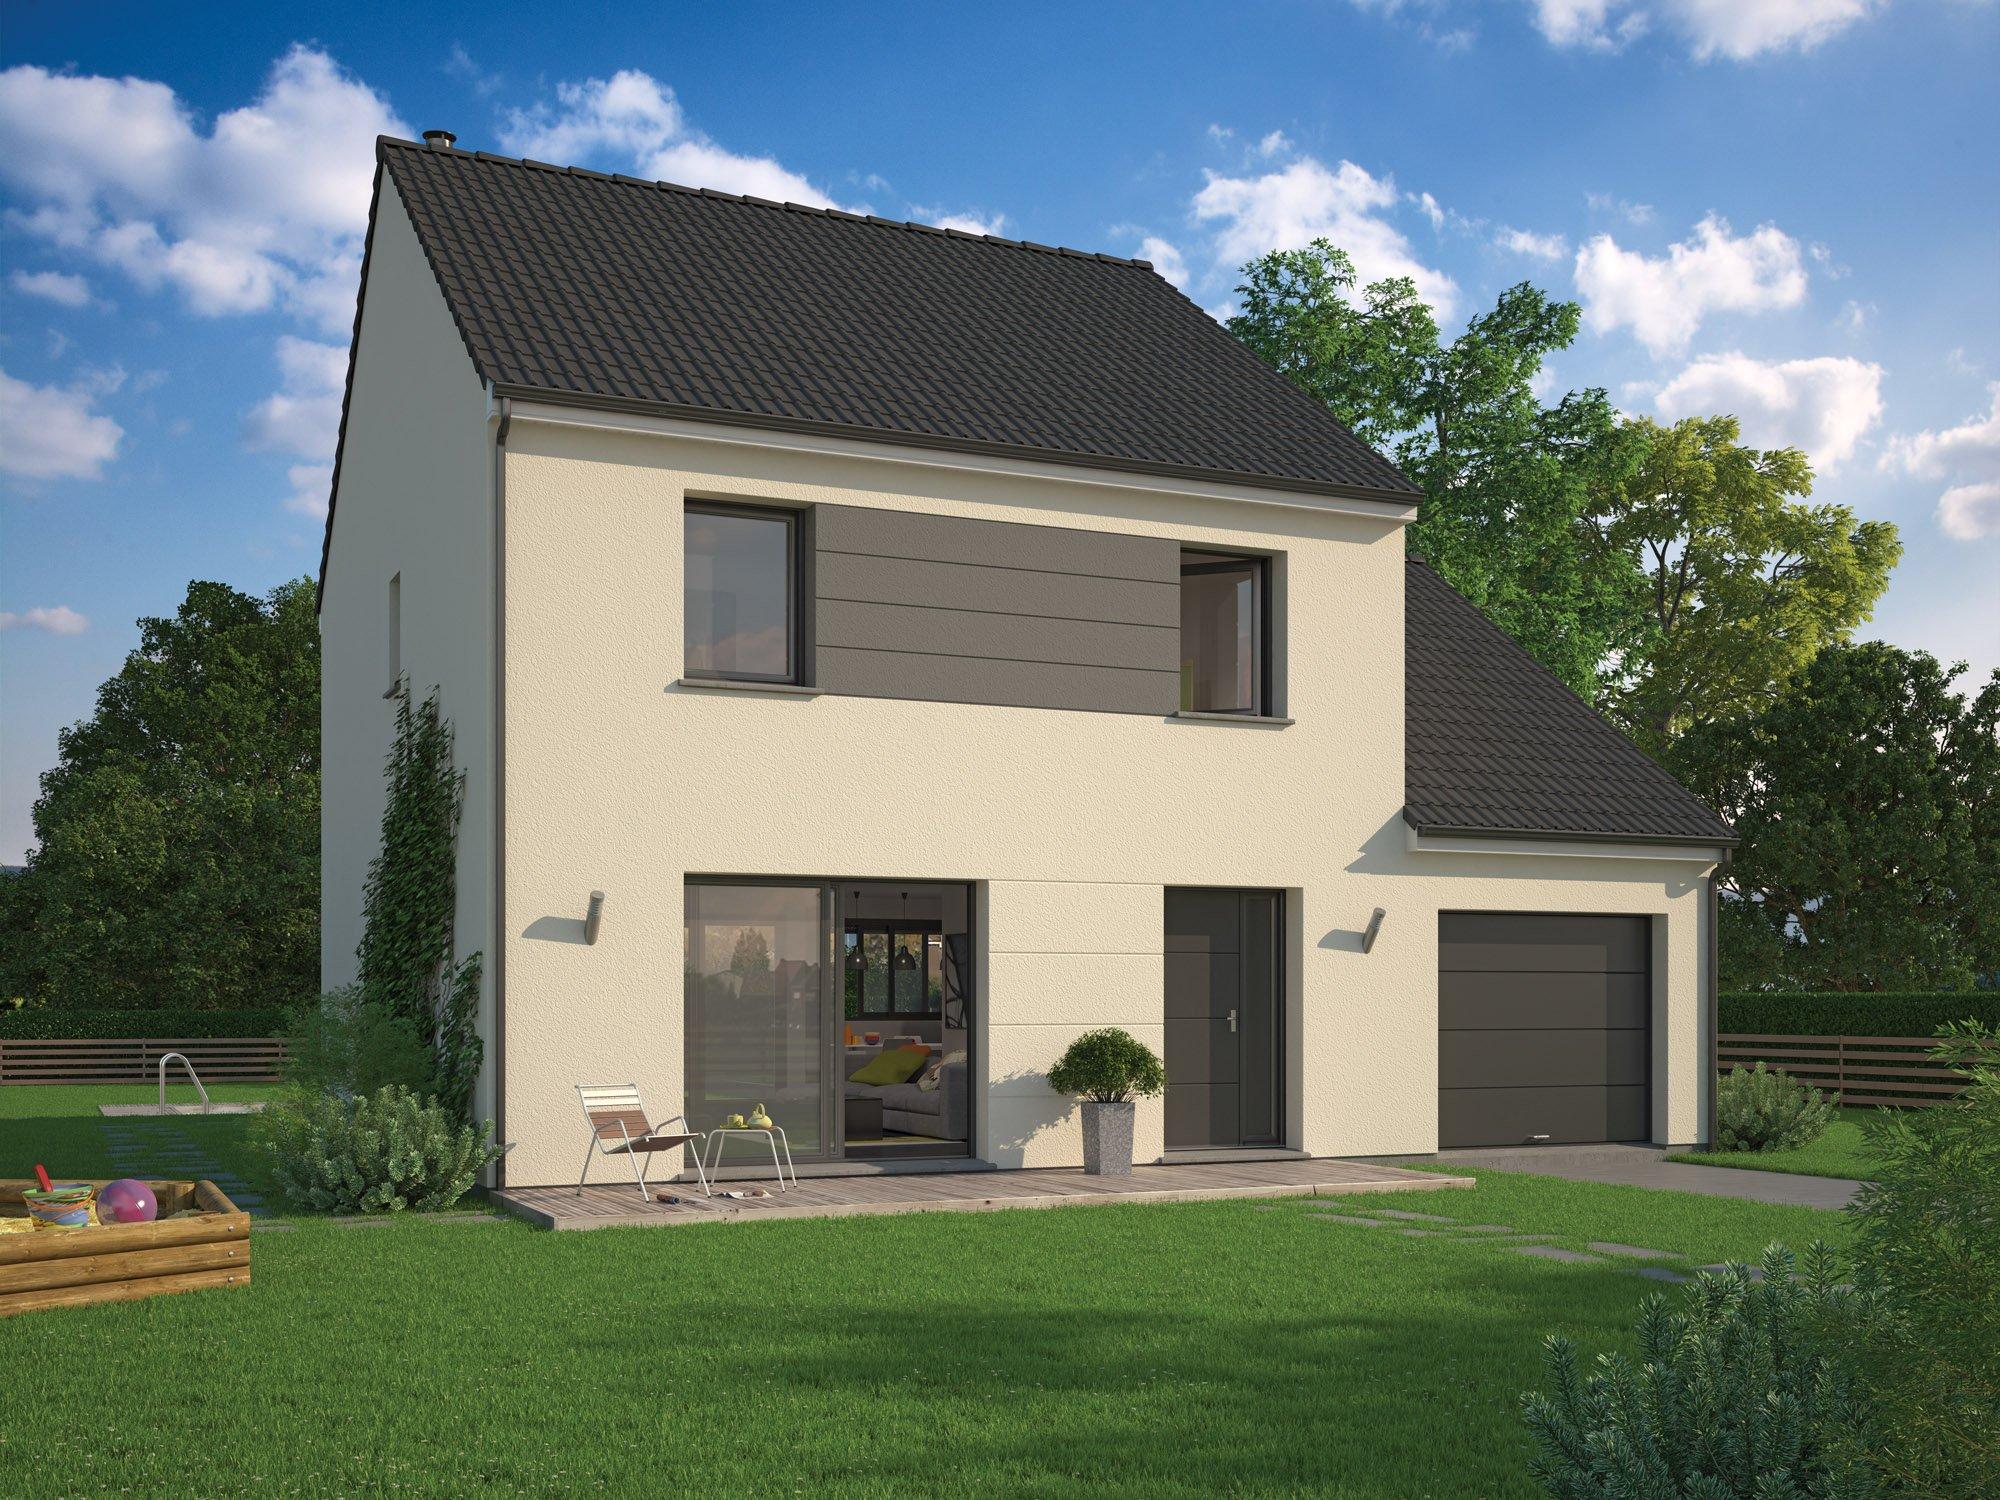 Maisons + Terrains du constructeur MAISON FAMILIALE • 100 m² • PENCHARD